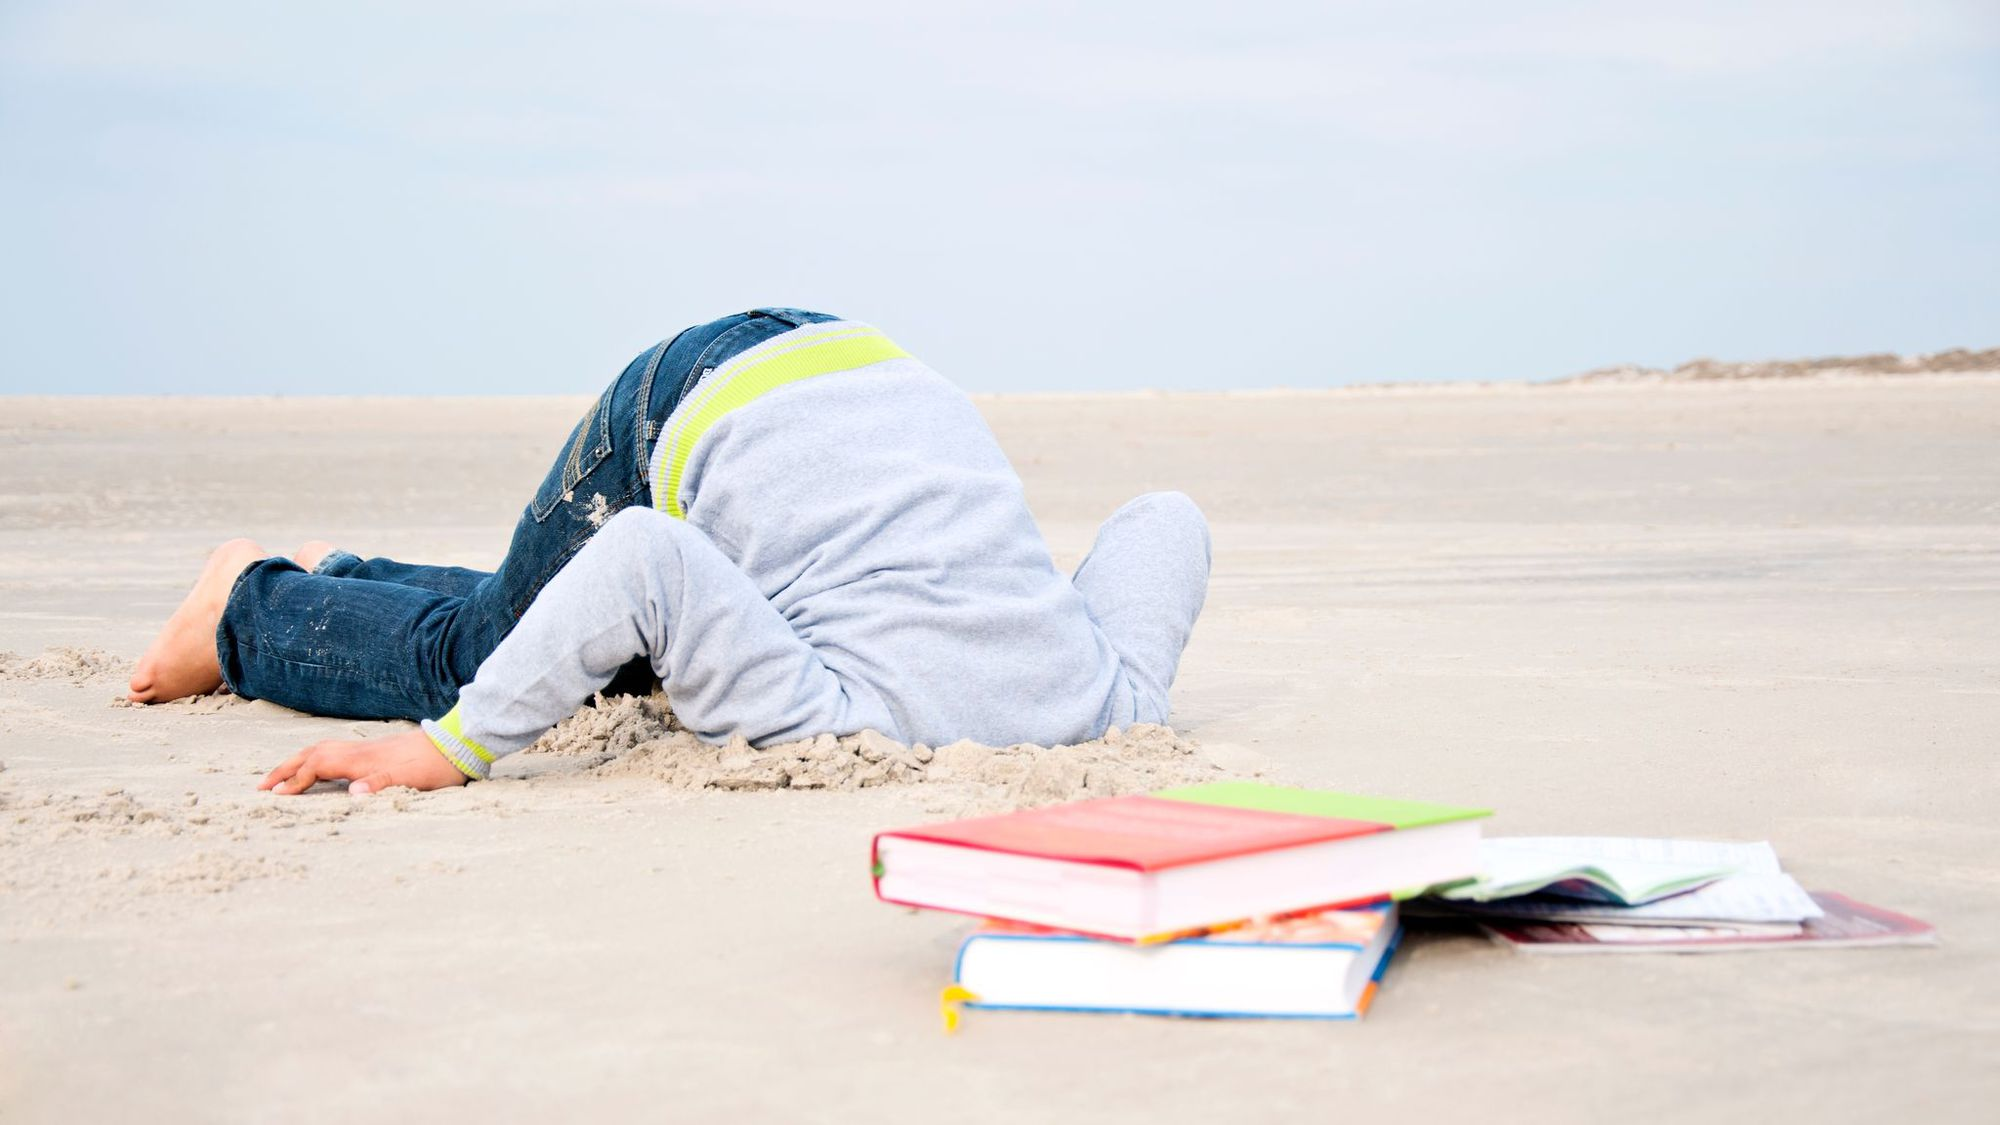 La phobie scolaire s'illustre par des signes d'inquiétude forts: mal au ventre, insomnie, diarrhée, voire tachycardie. Istock